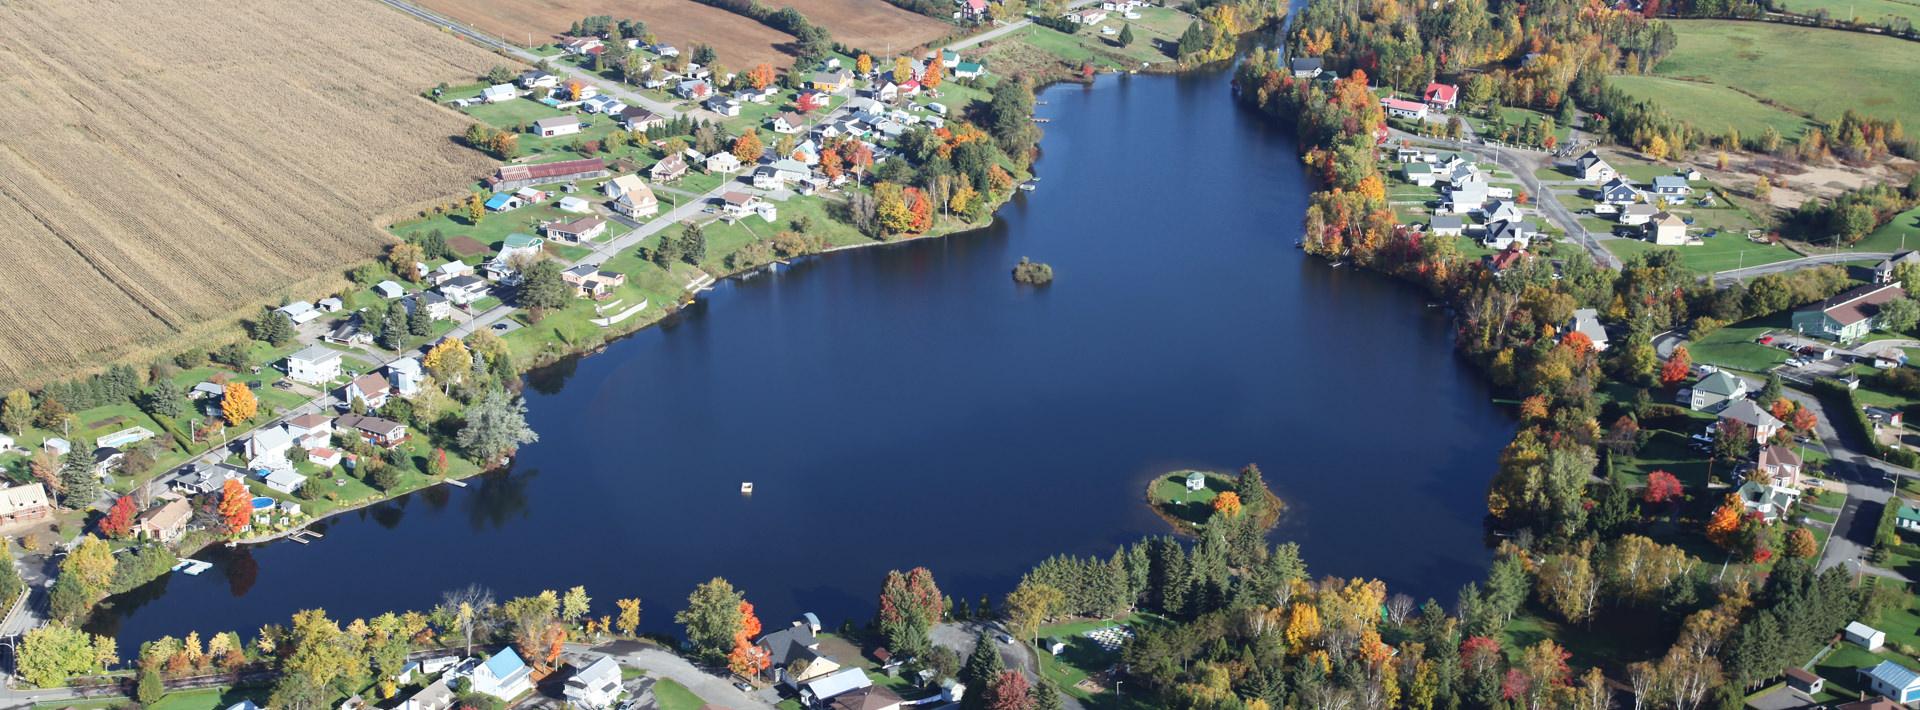 Image en-tête - Comité de protection des lacs